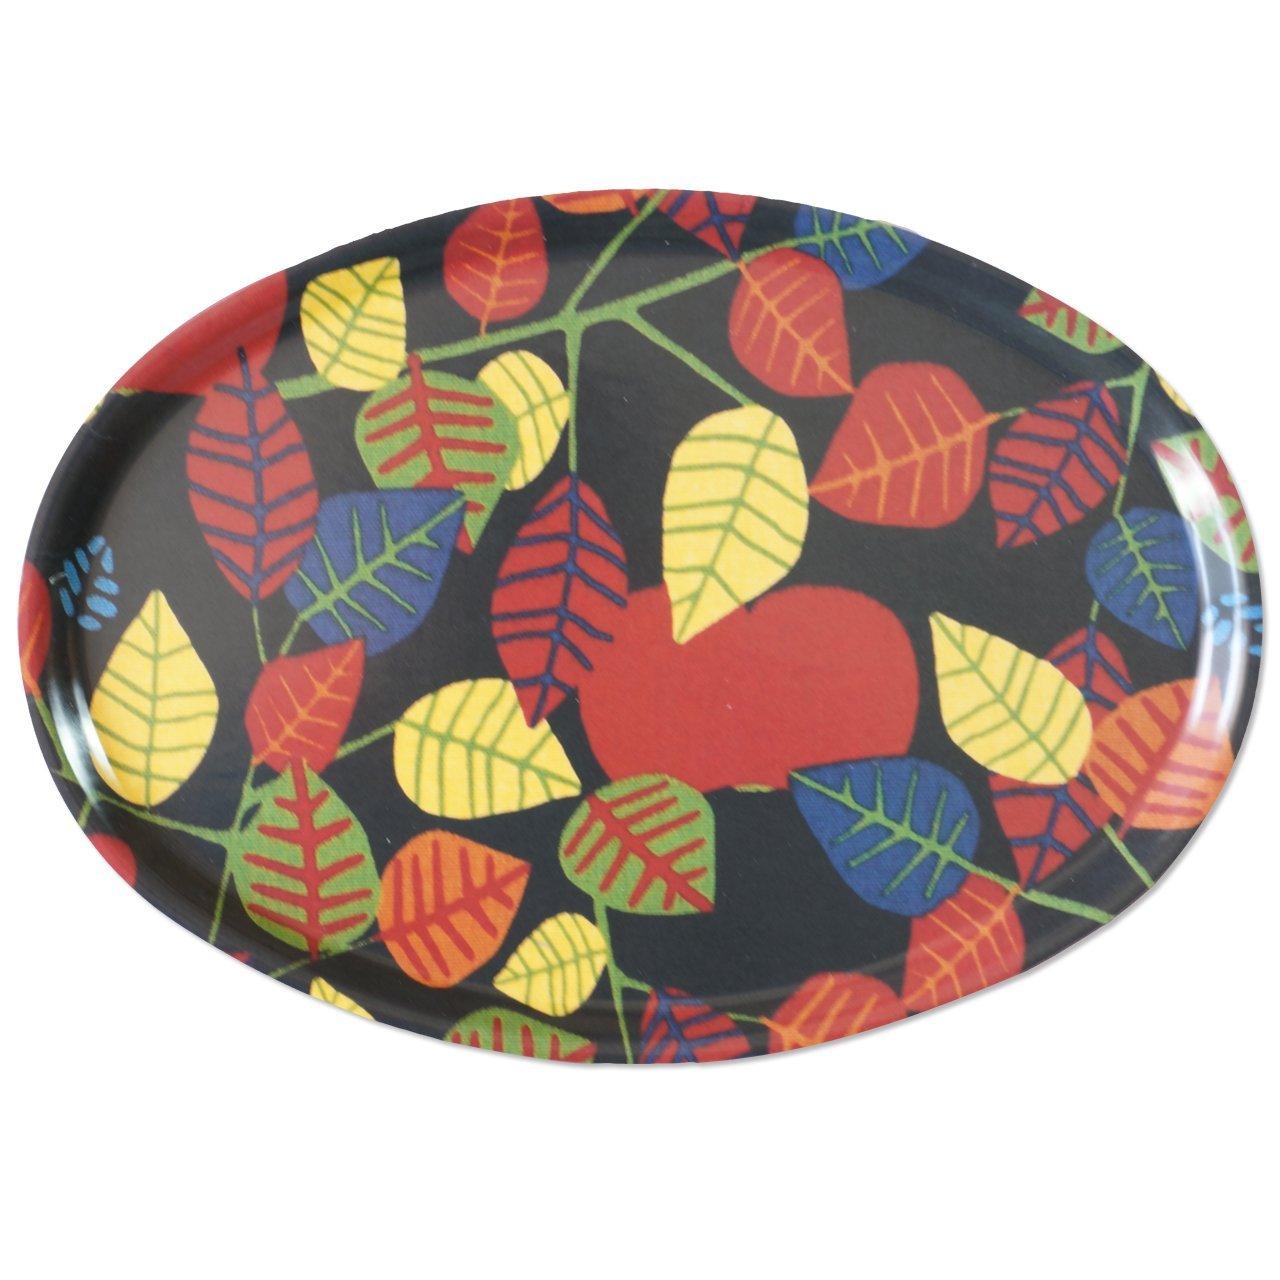 トレイ オーバル Apple(ブラック)31×22cm